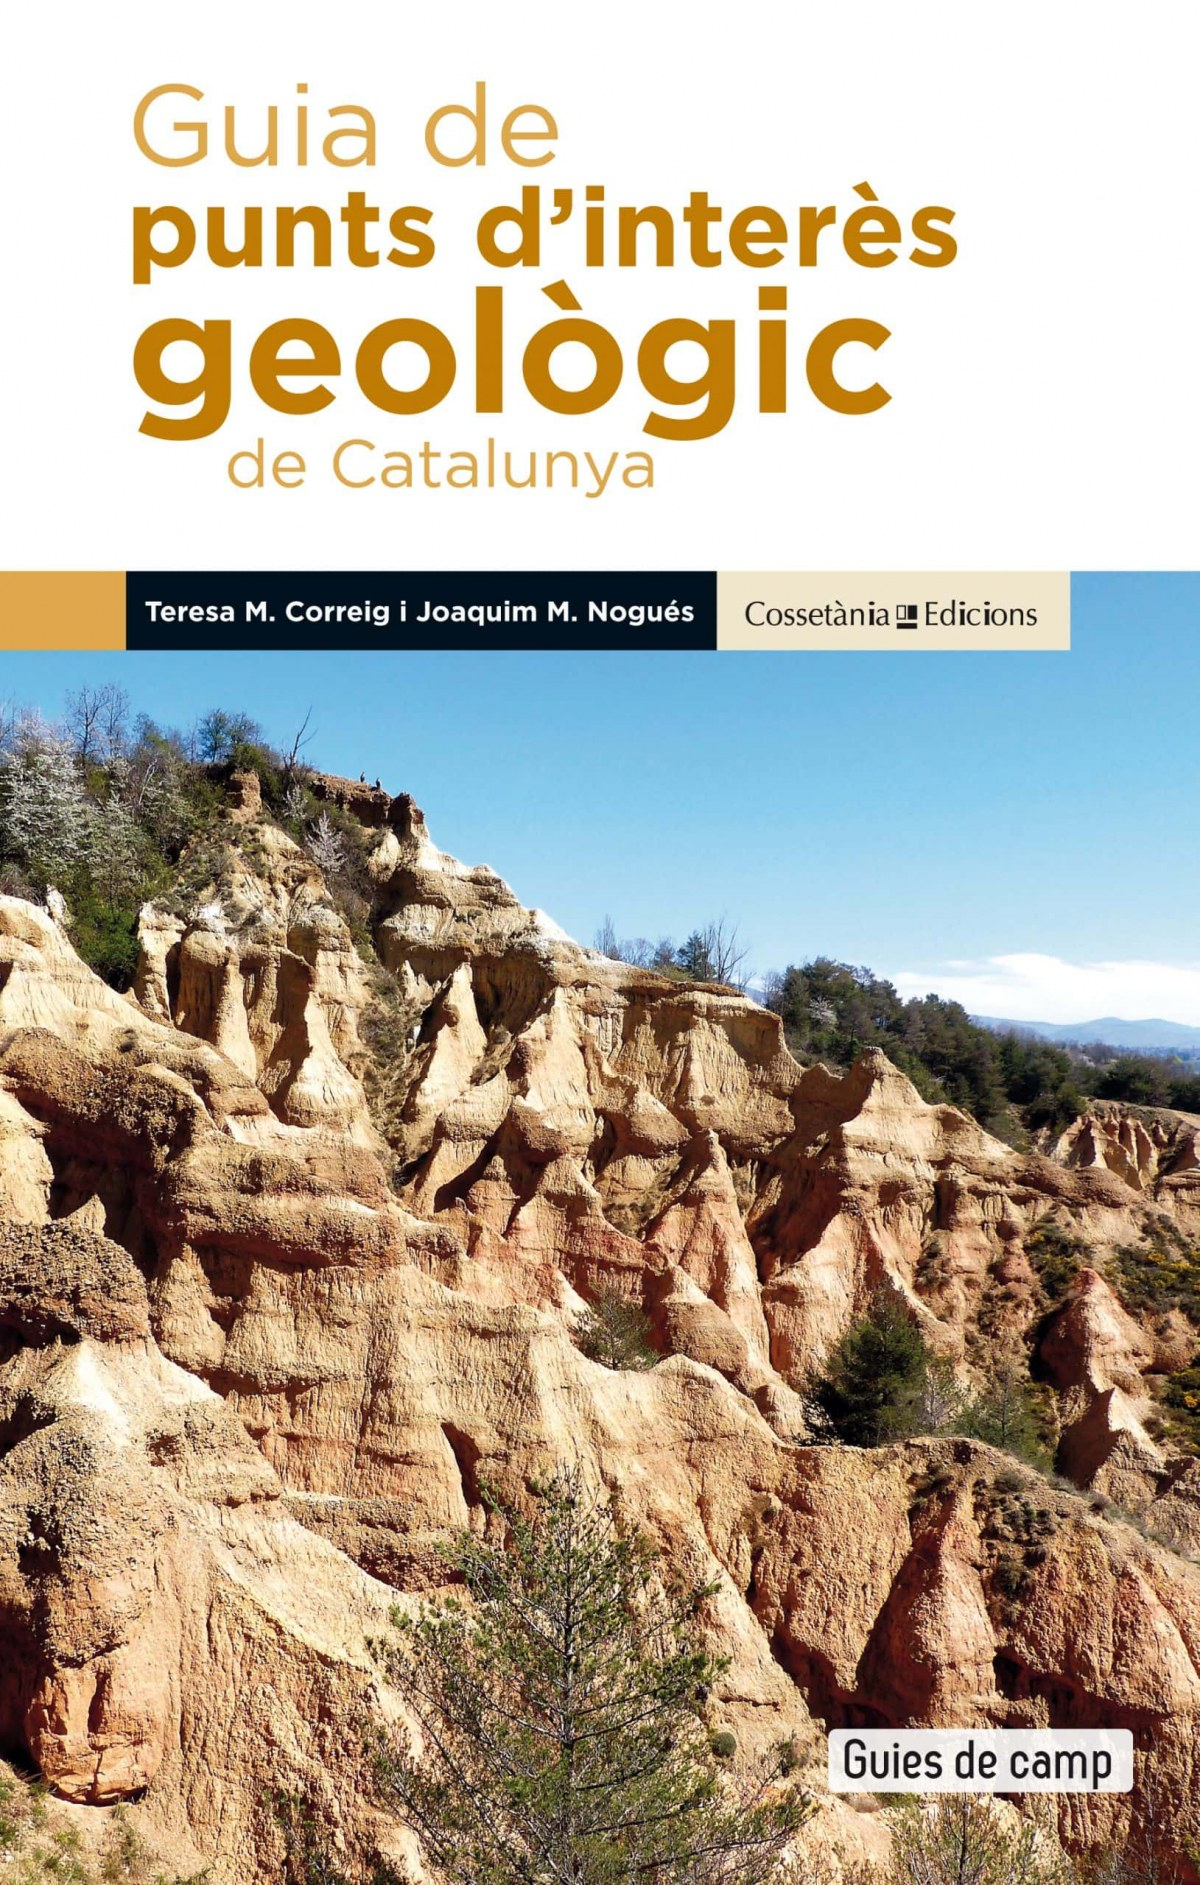 Guia de punts d'interès geològic de Catalunya